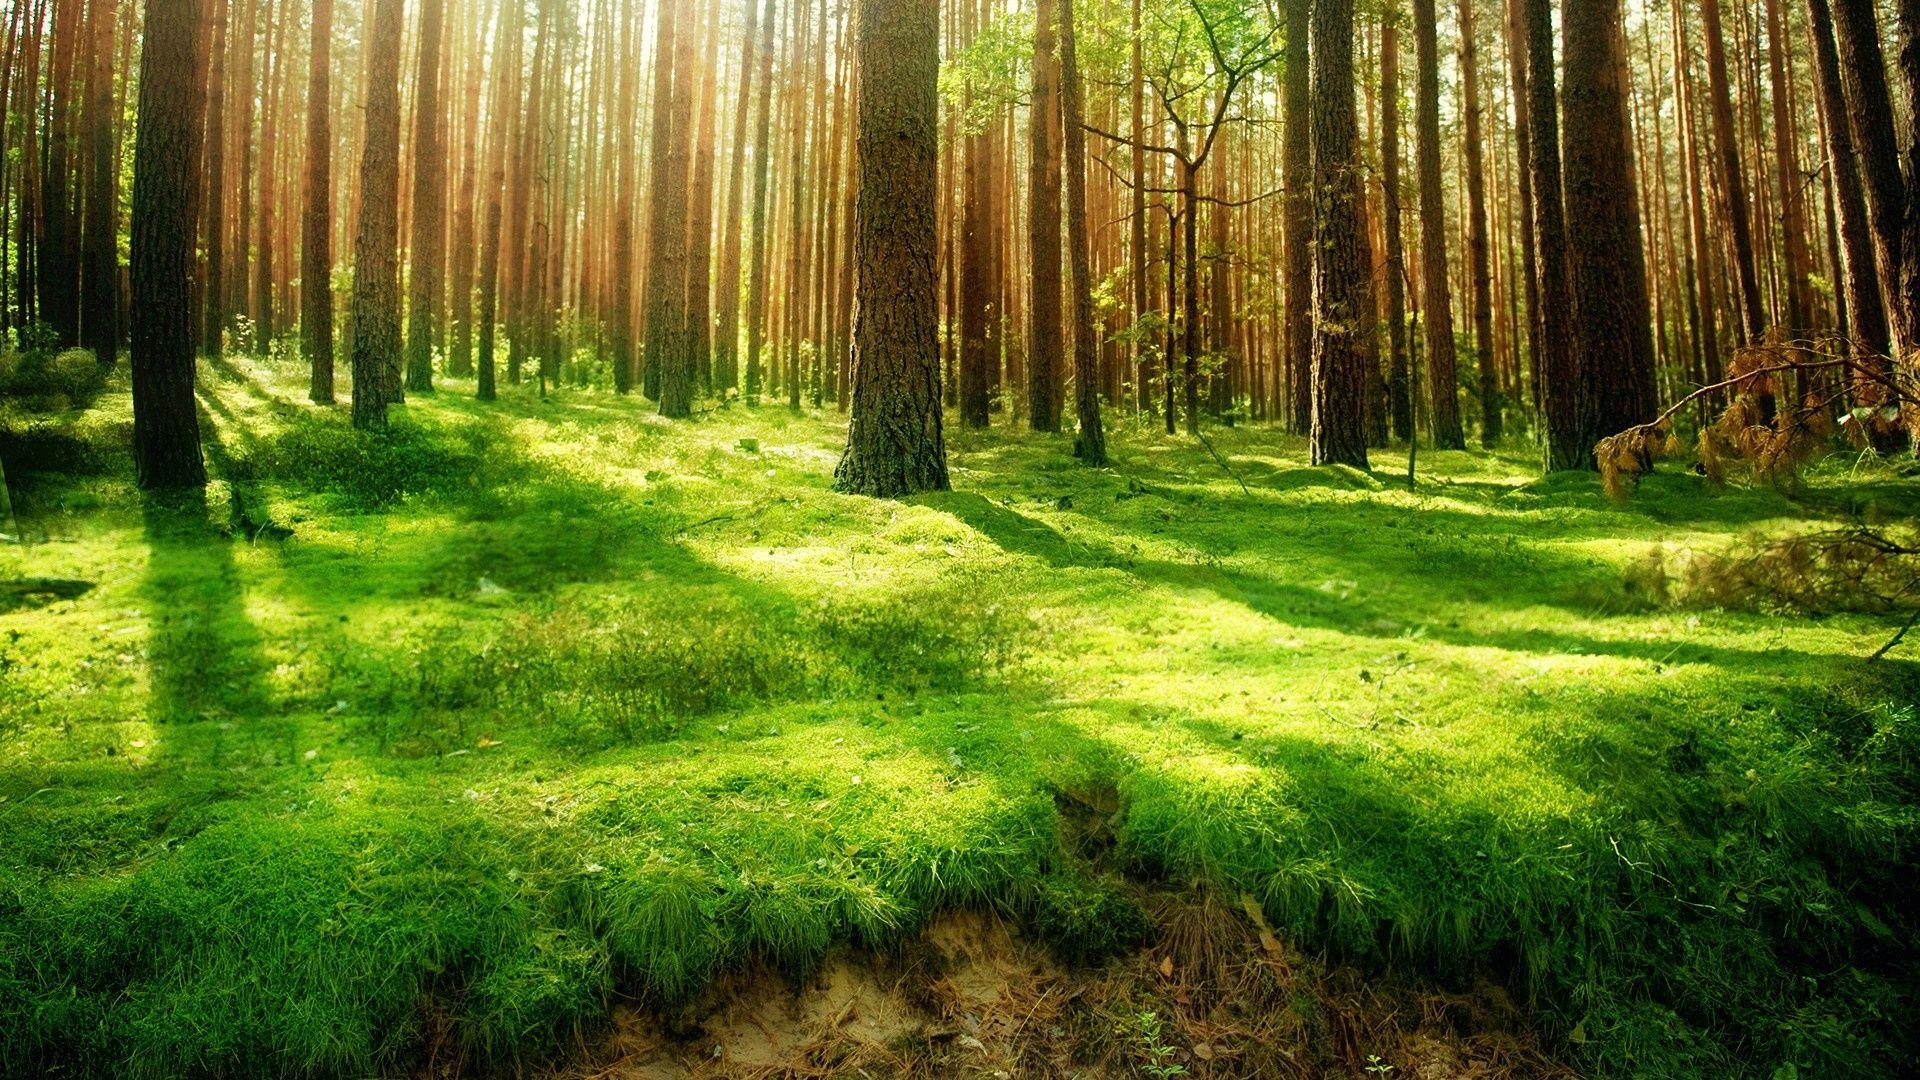 Best Nature Wallpaper: Grass 822838 Nature